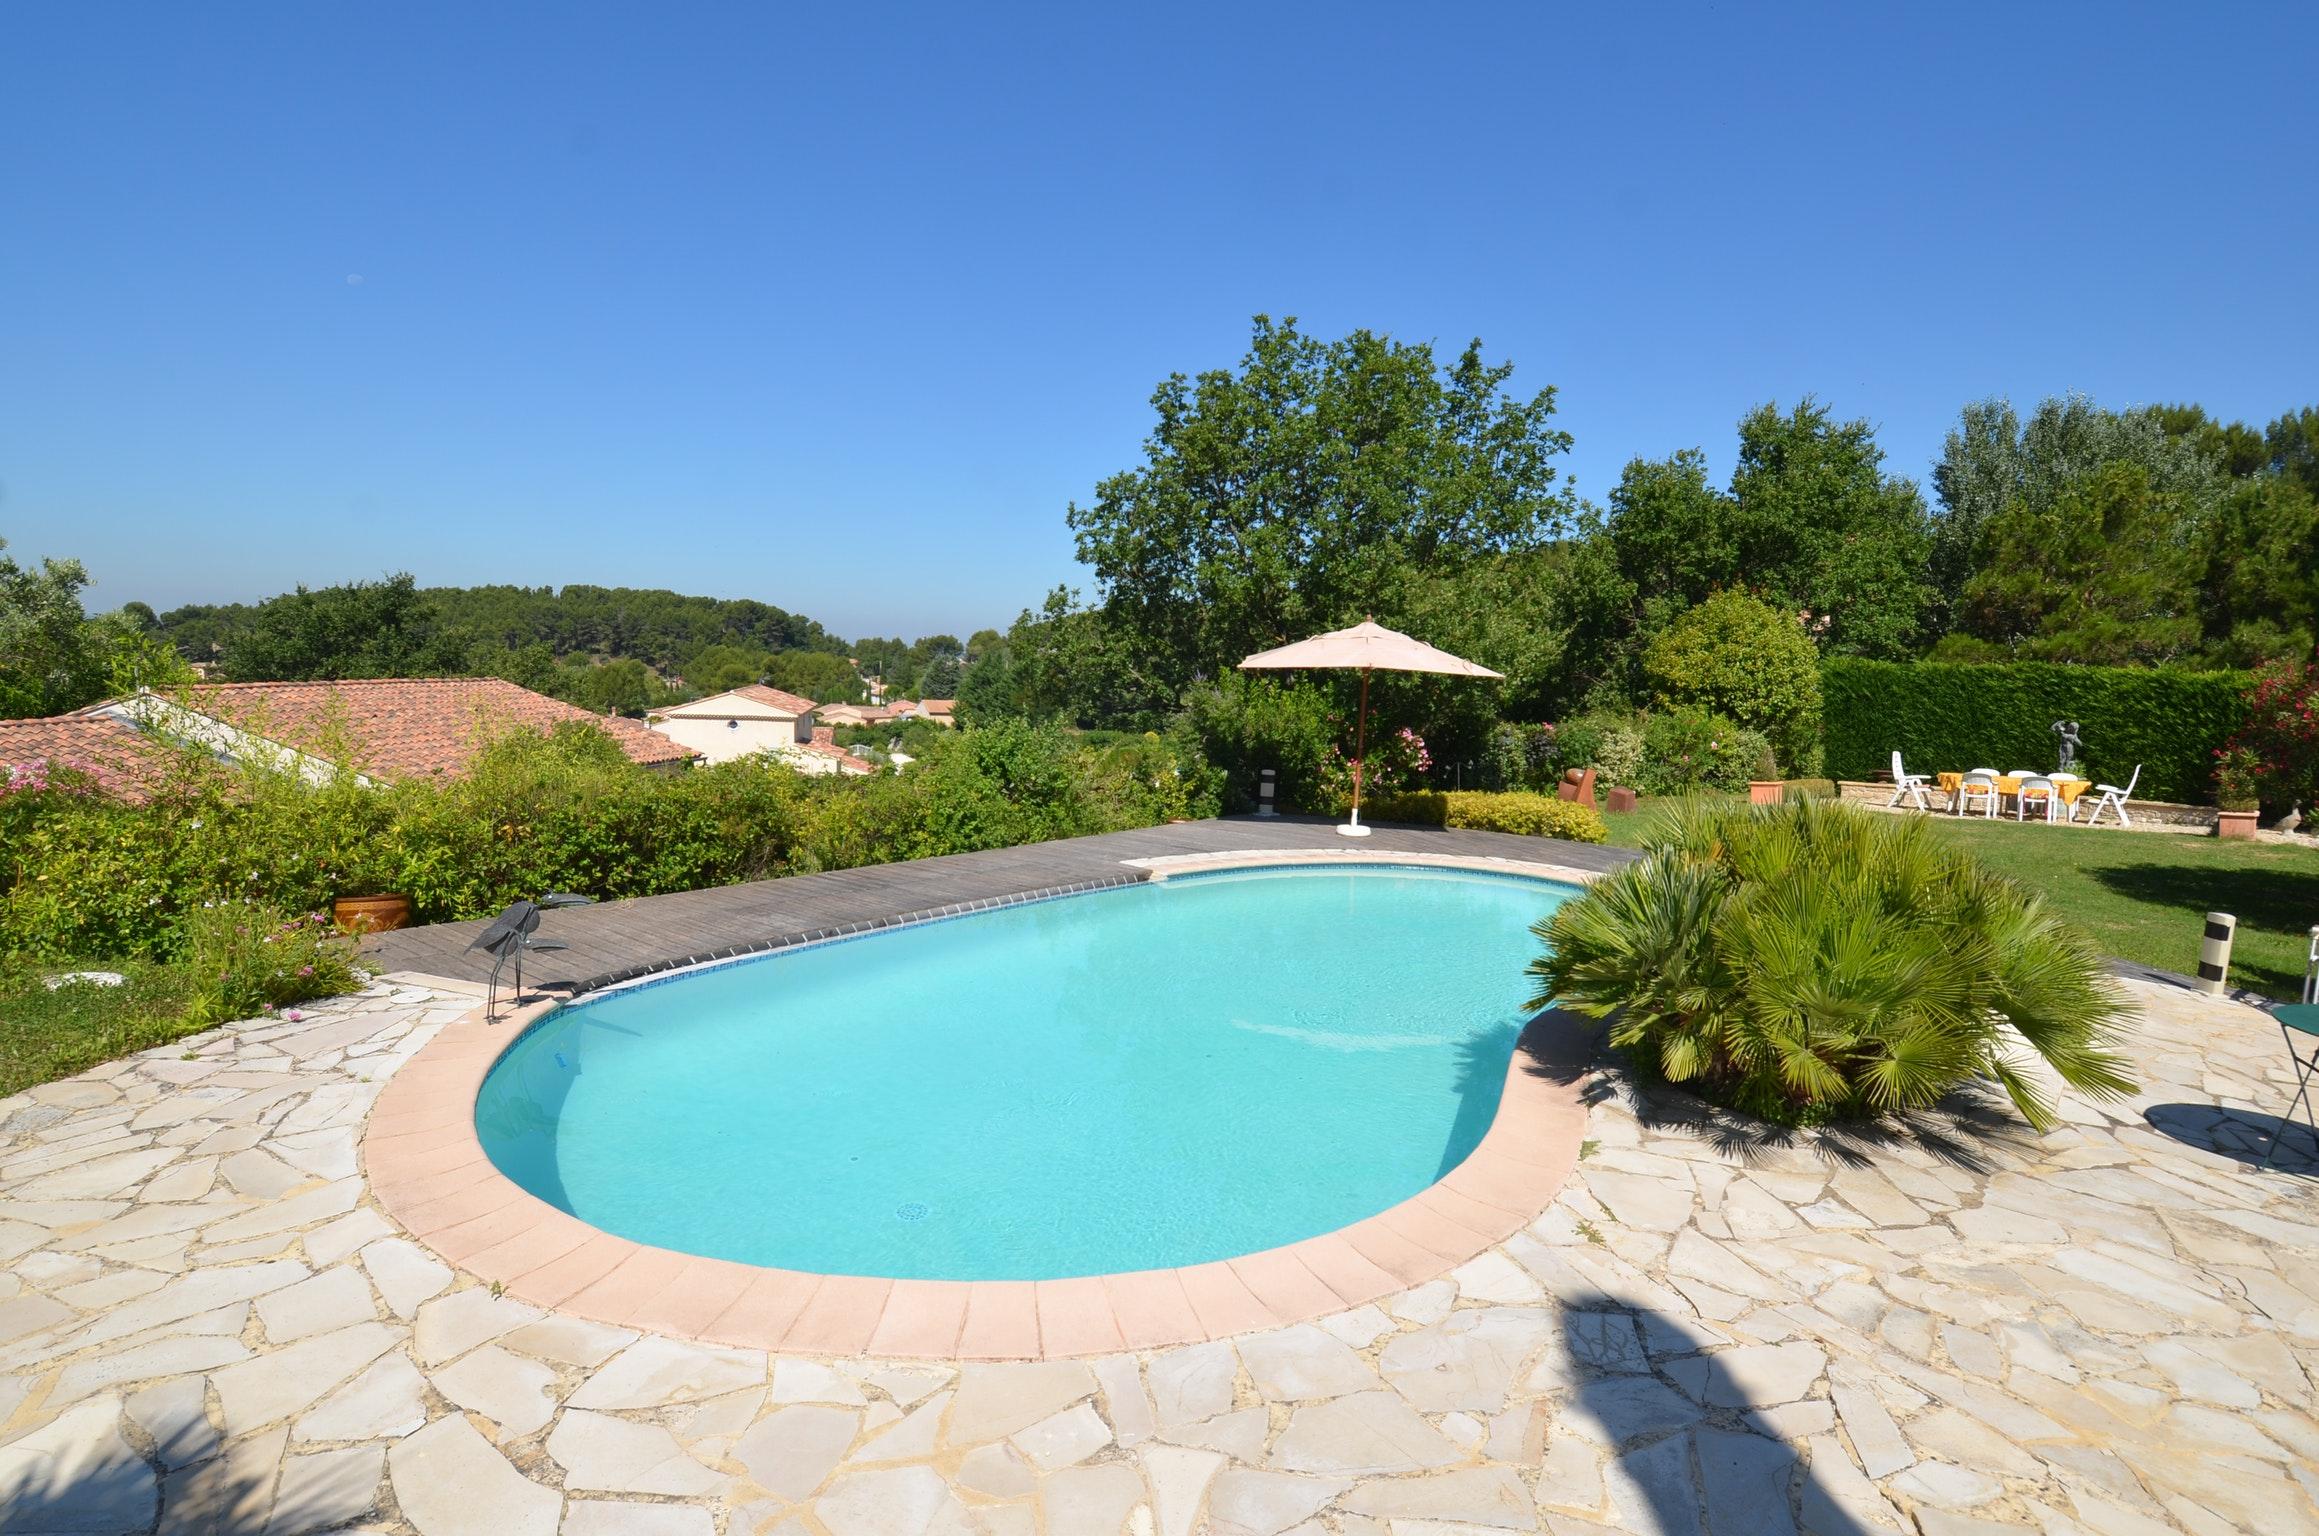 Ferienhaus Villa mit 4 Schlafzimmern in Pernes-les-Fontaines mit toller Aussicht auf die Berge, priva (2519446), Pernes les Fontaines, Saône-et-Loire, Burgund, Frankreich, Bild 8